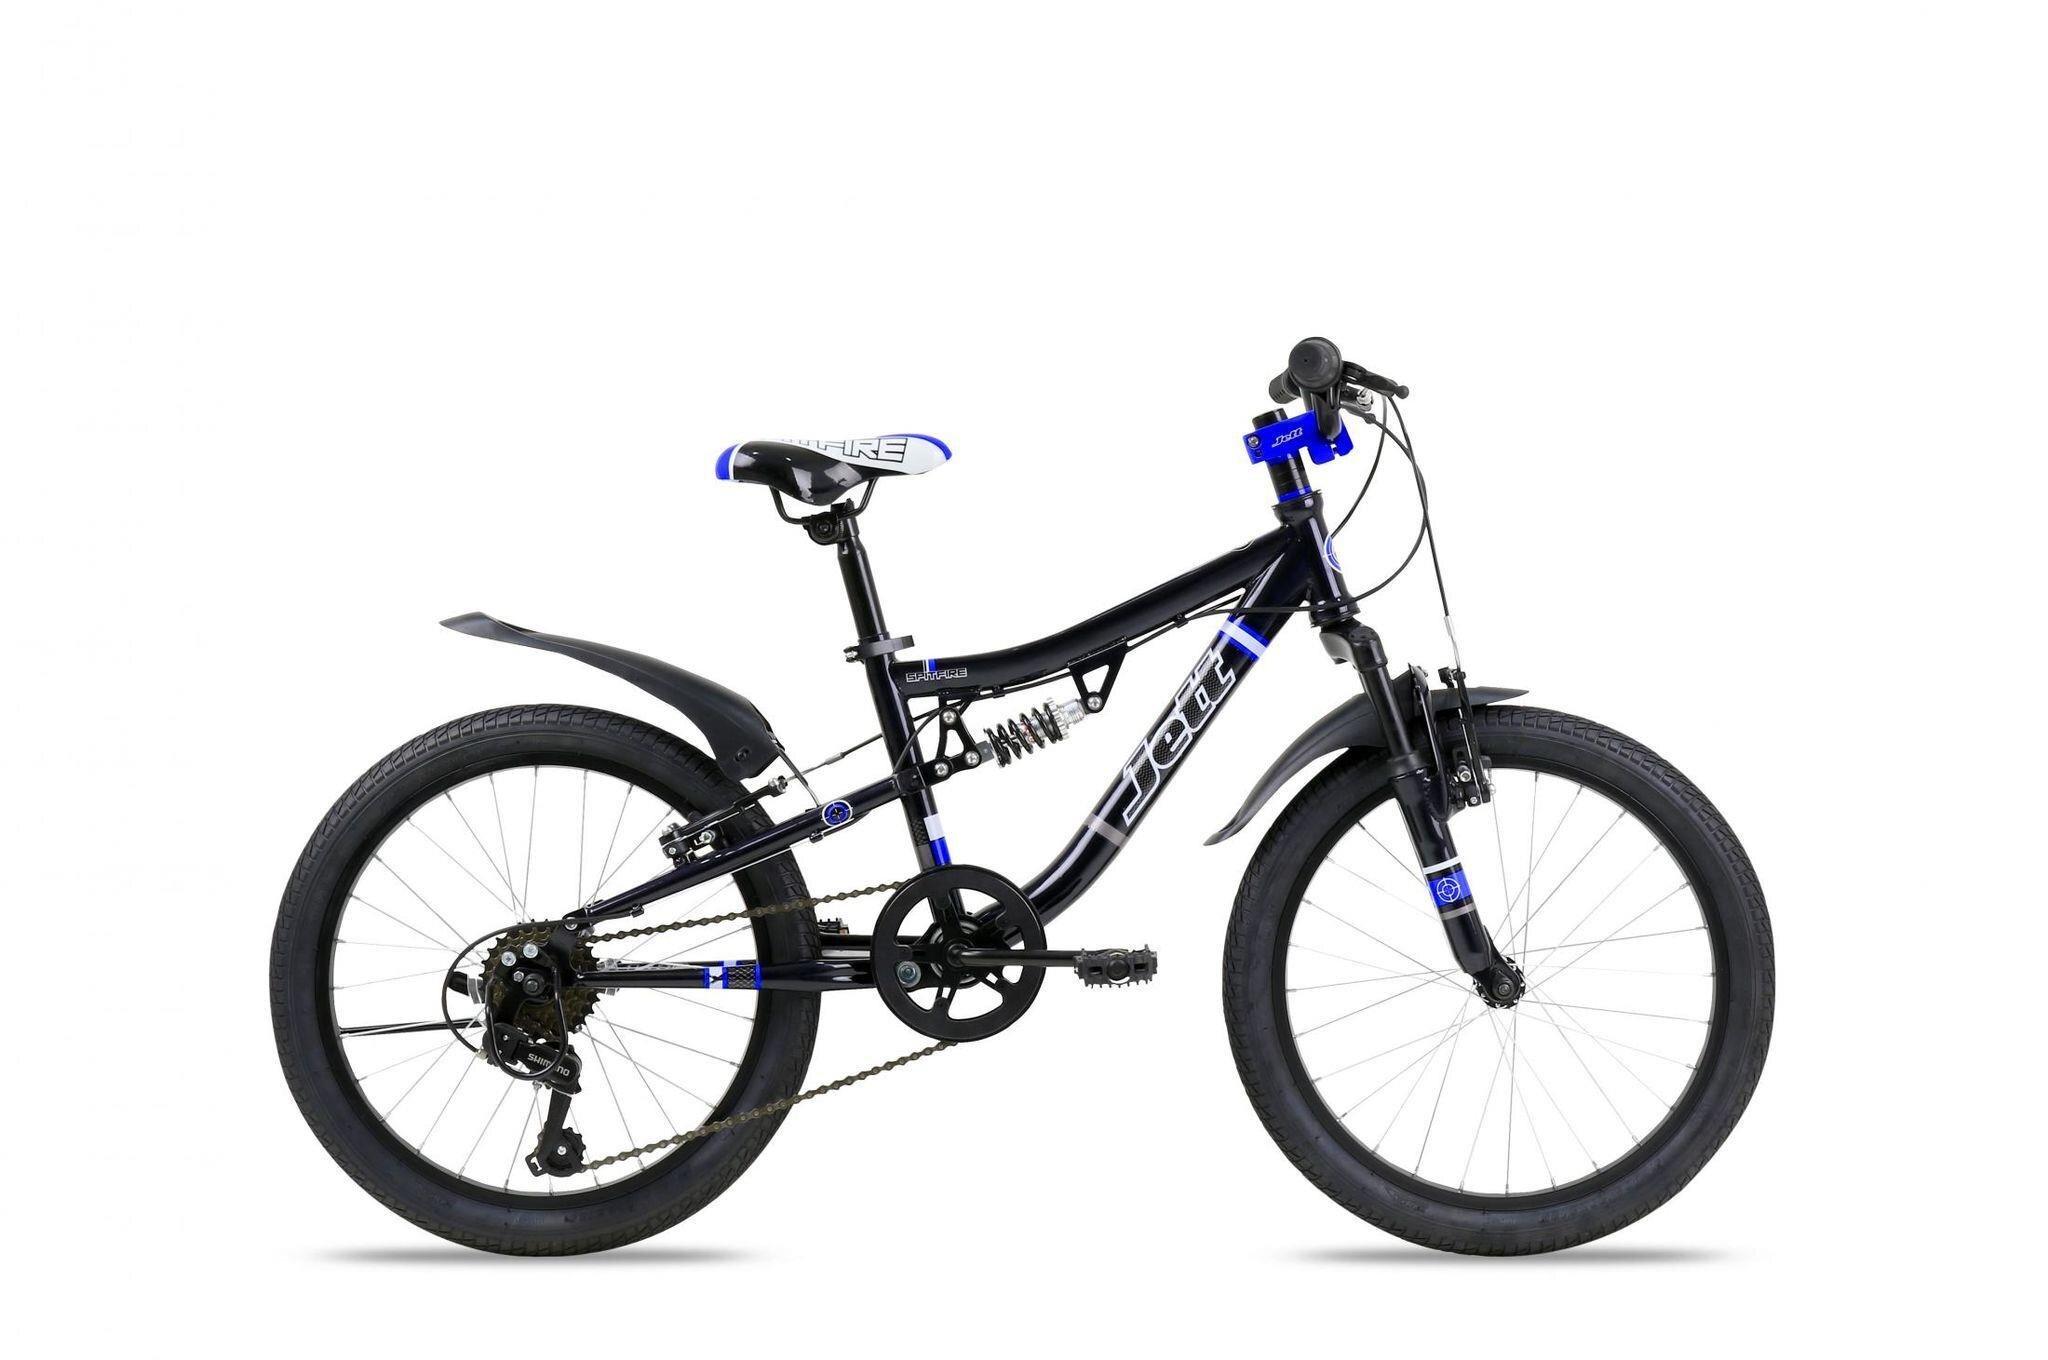 Xe đạp trẻ em Jett Cycles Spitfire